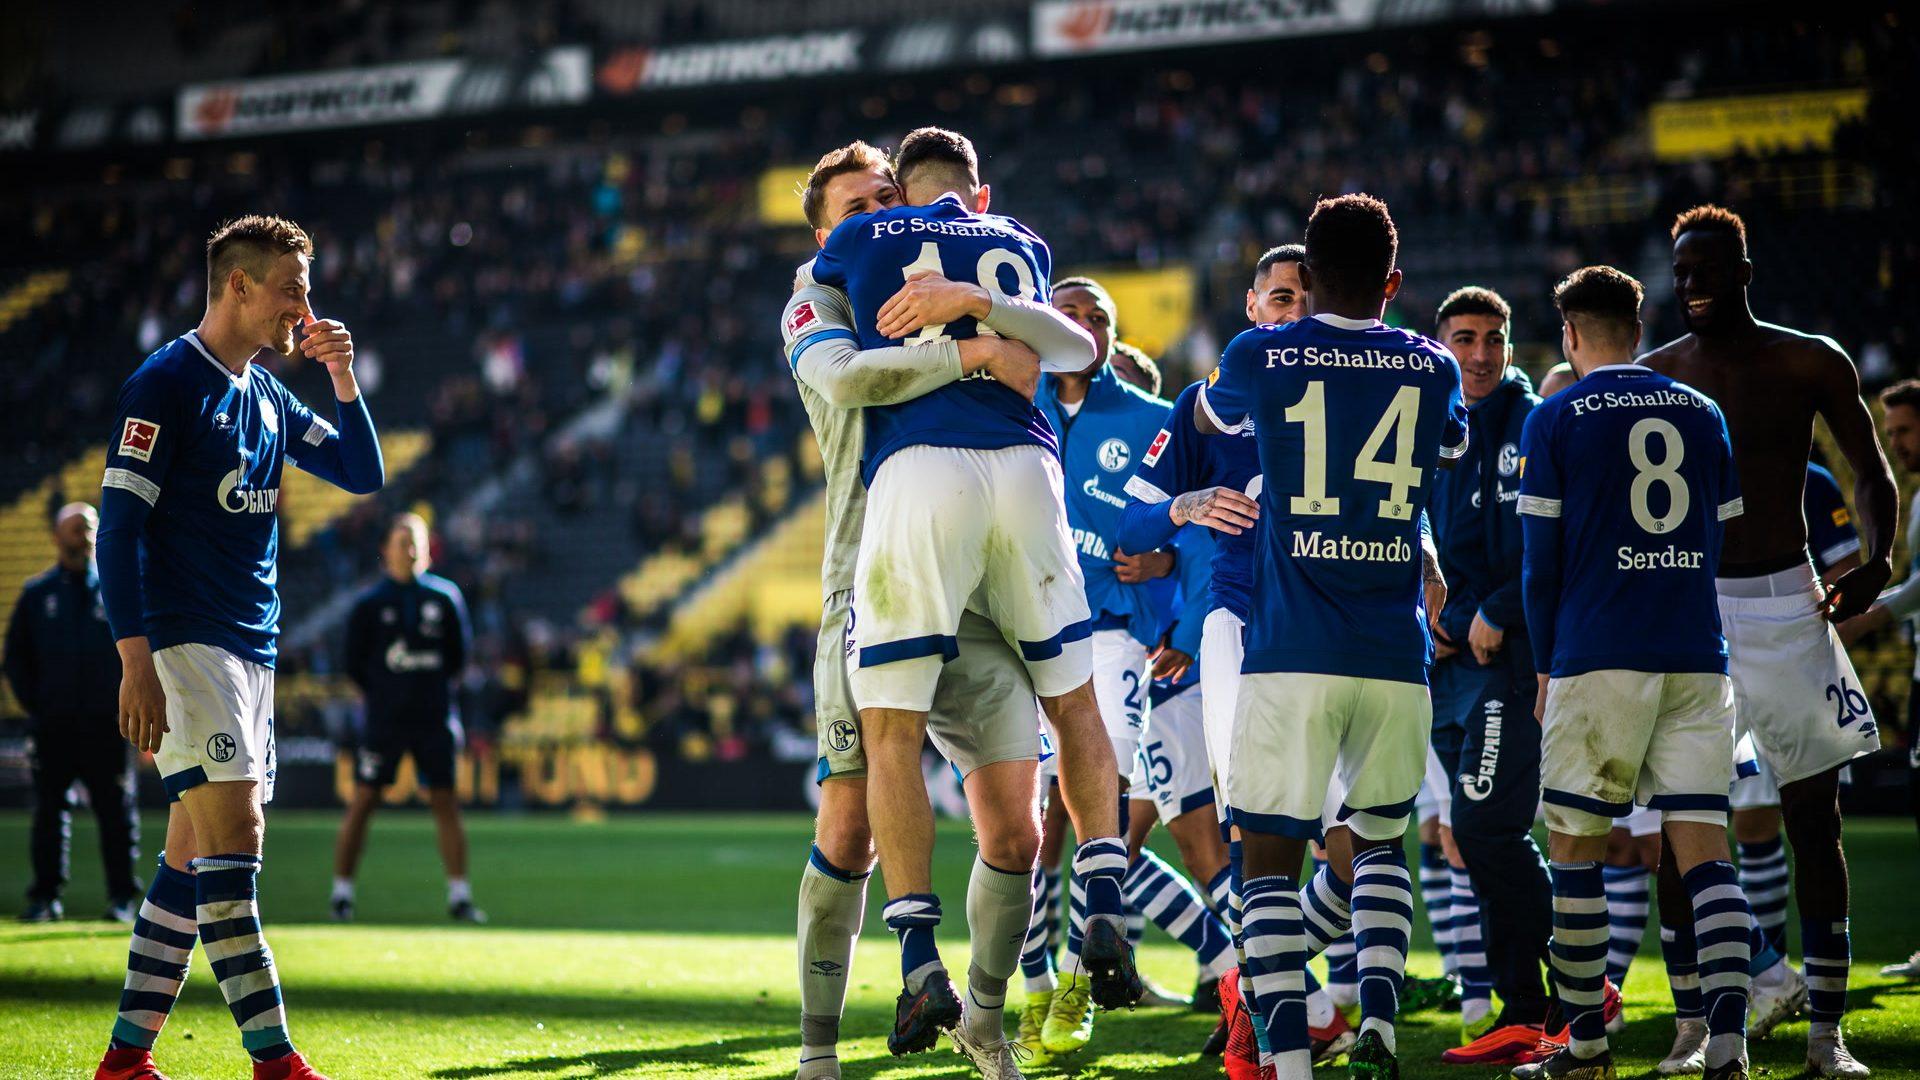 Calendario Bundesliga 2.Vea Los Mejores Momentos Del Revierderby